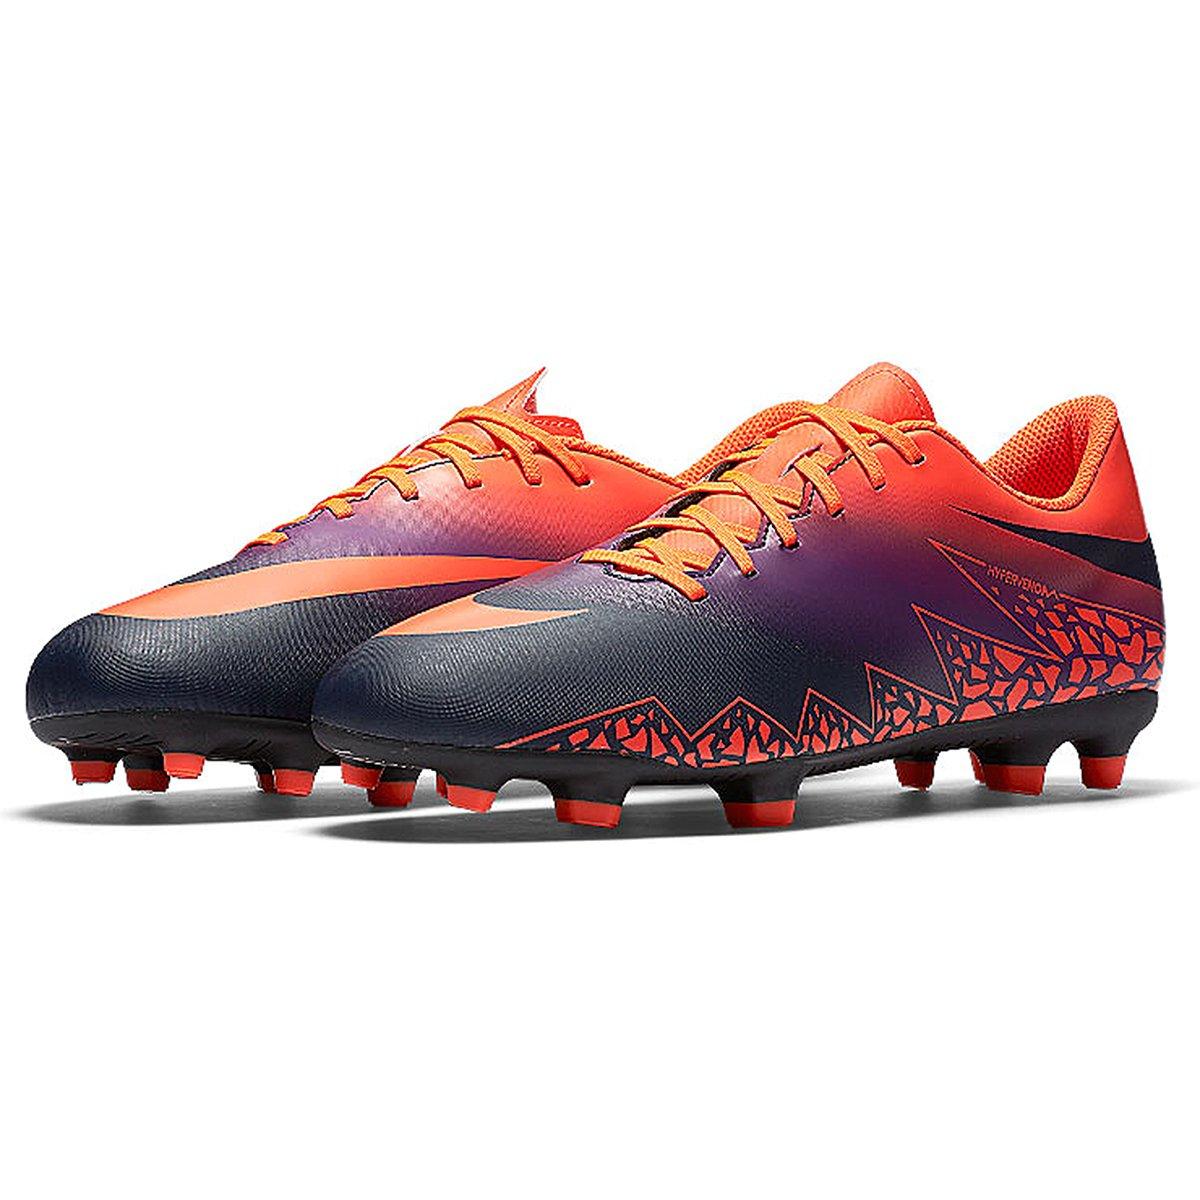 94f1f1e4de Chuteira Campo Nike Hypervenom Phade 2 FG - Compre Agora